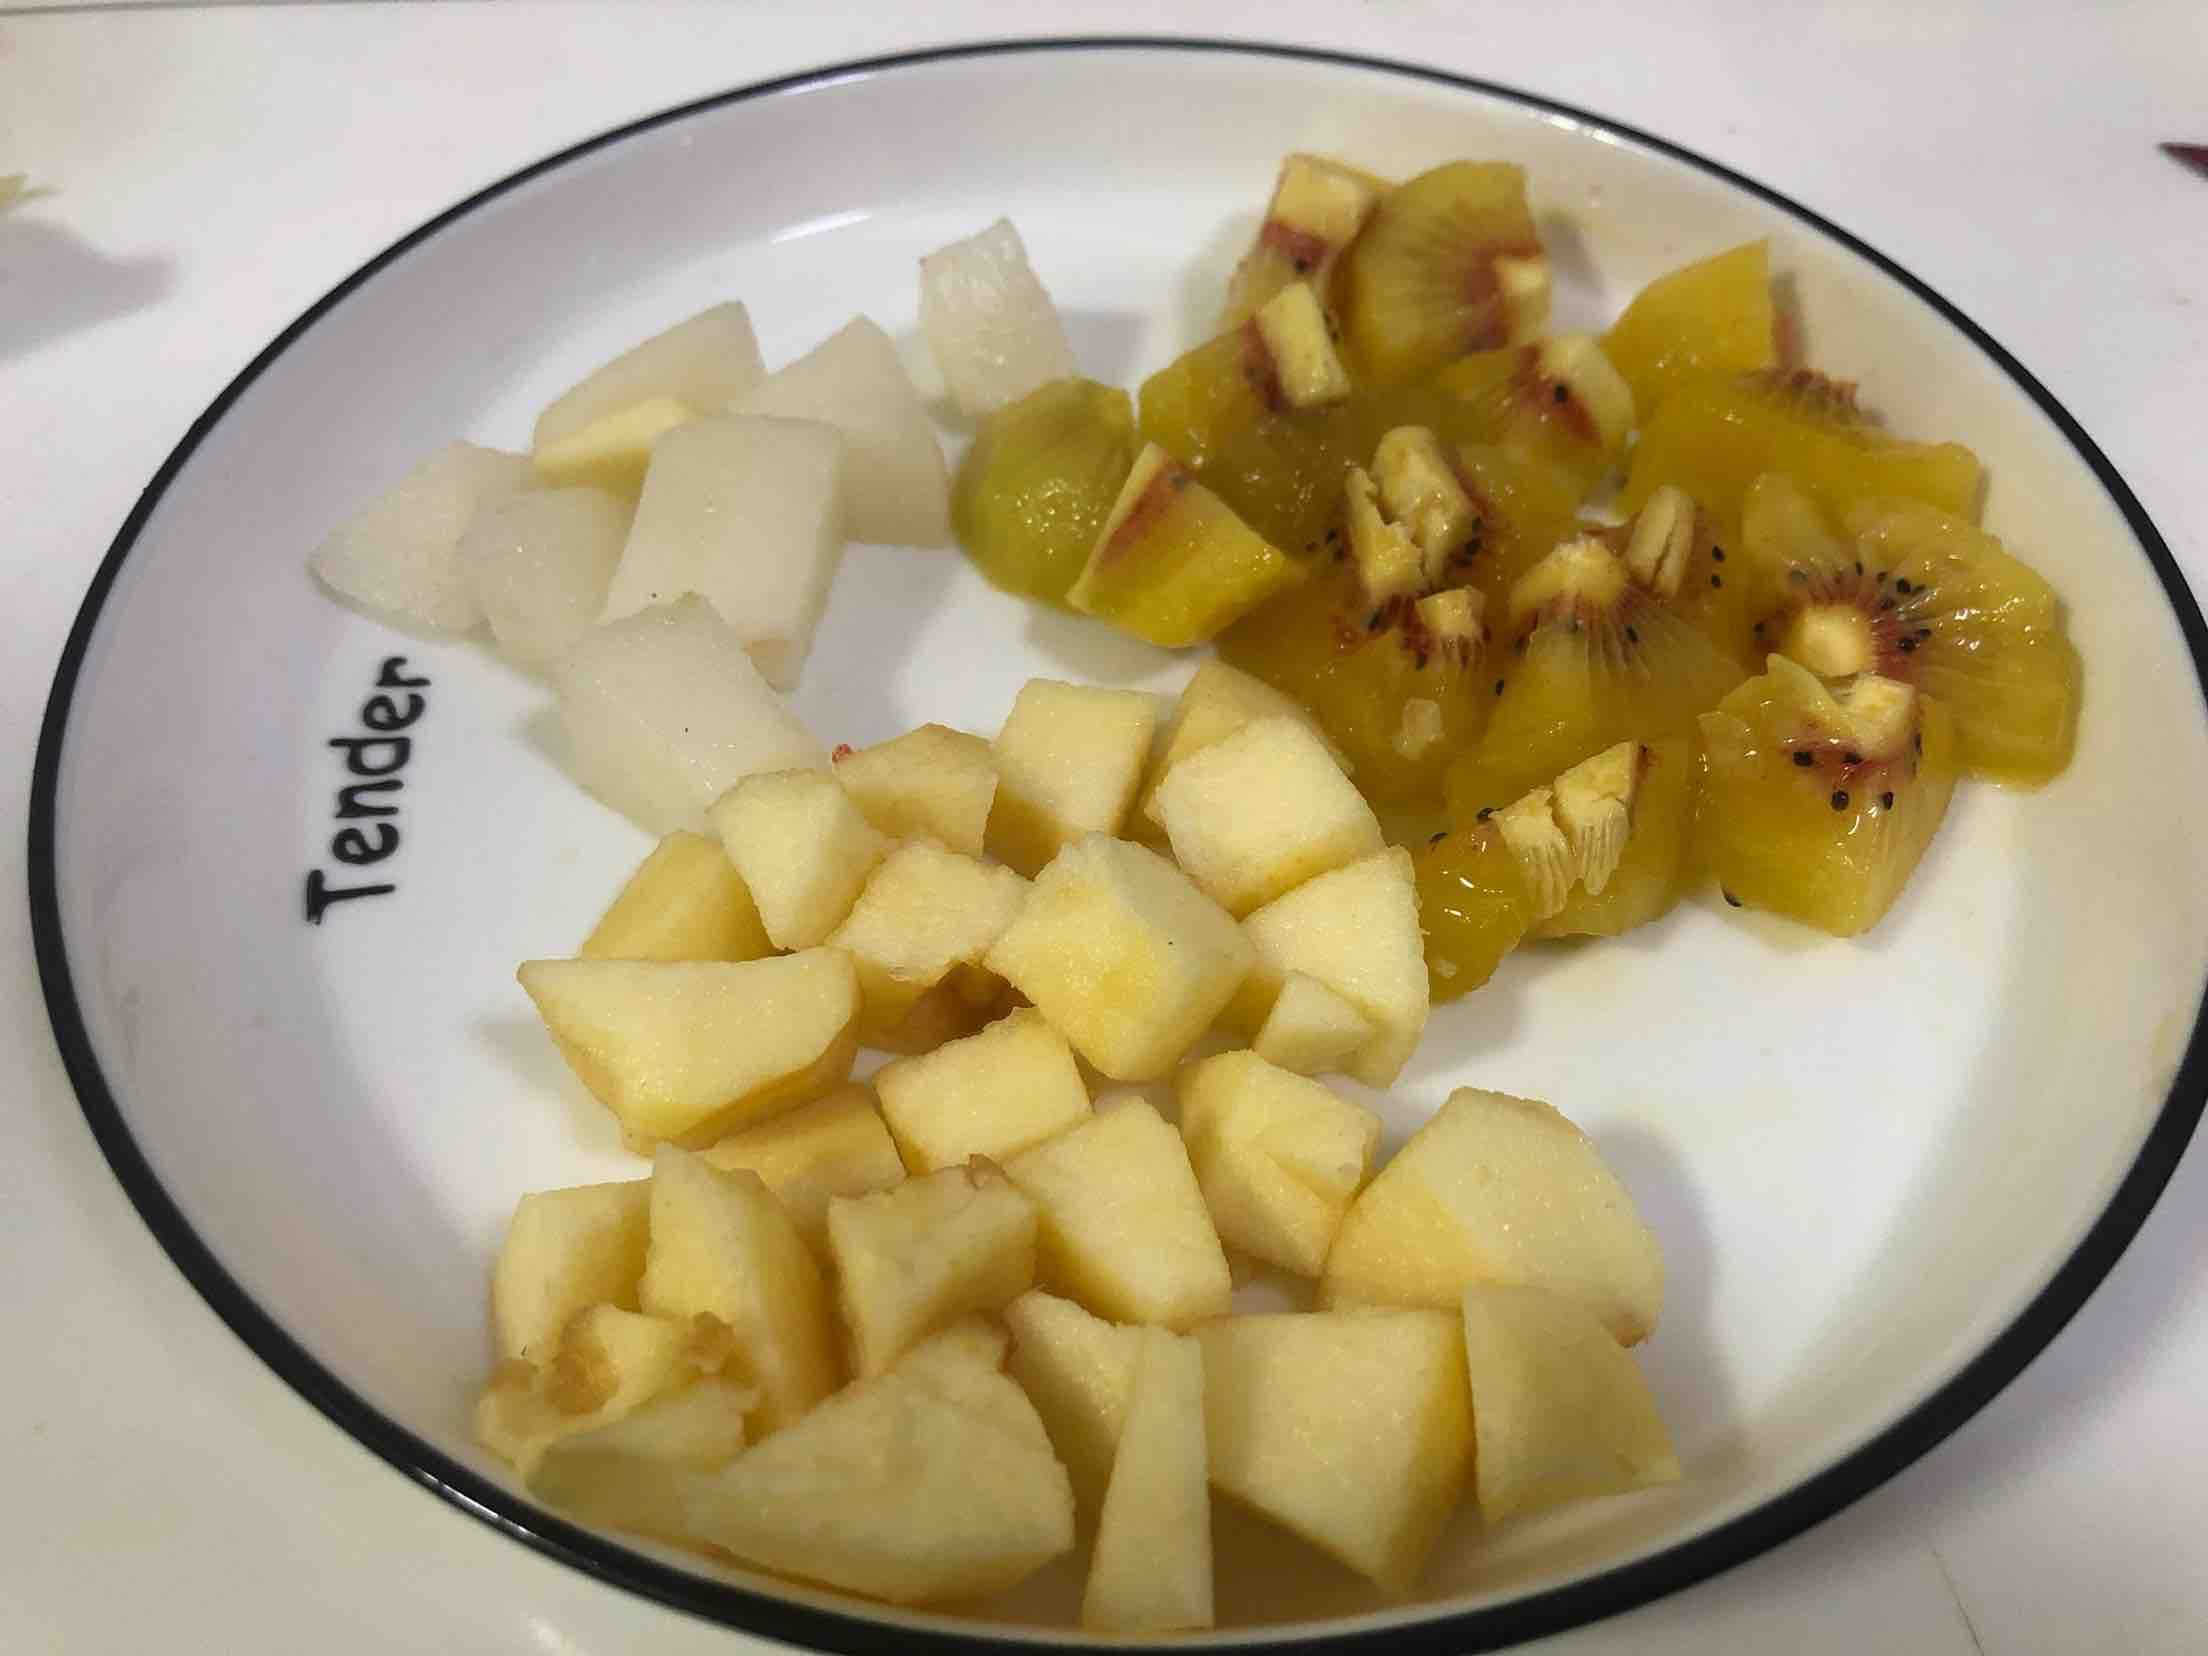 猕猴桃梨汁的做法图解